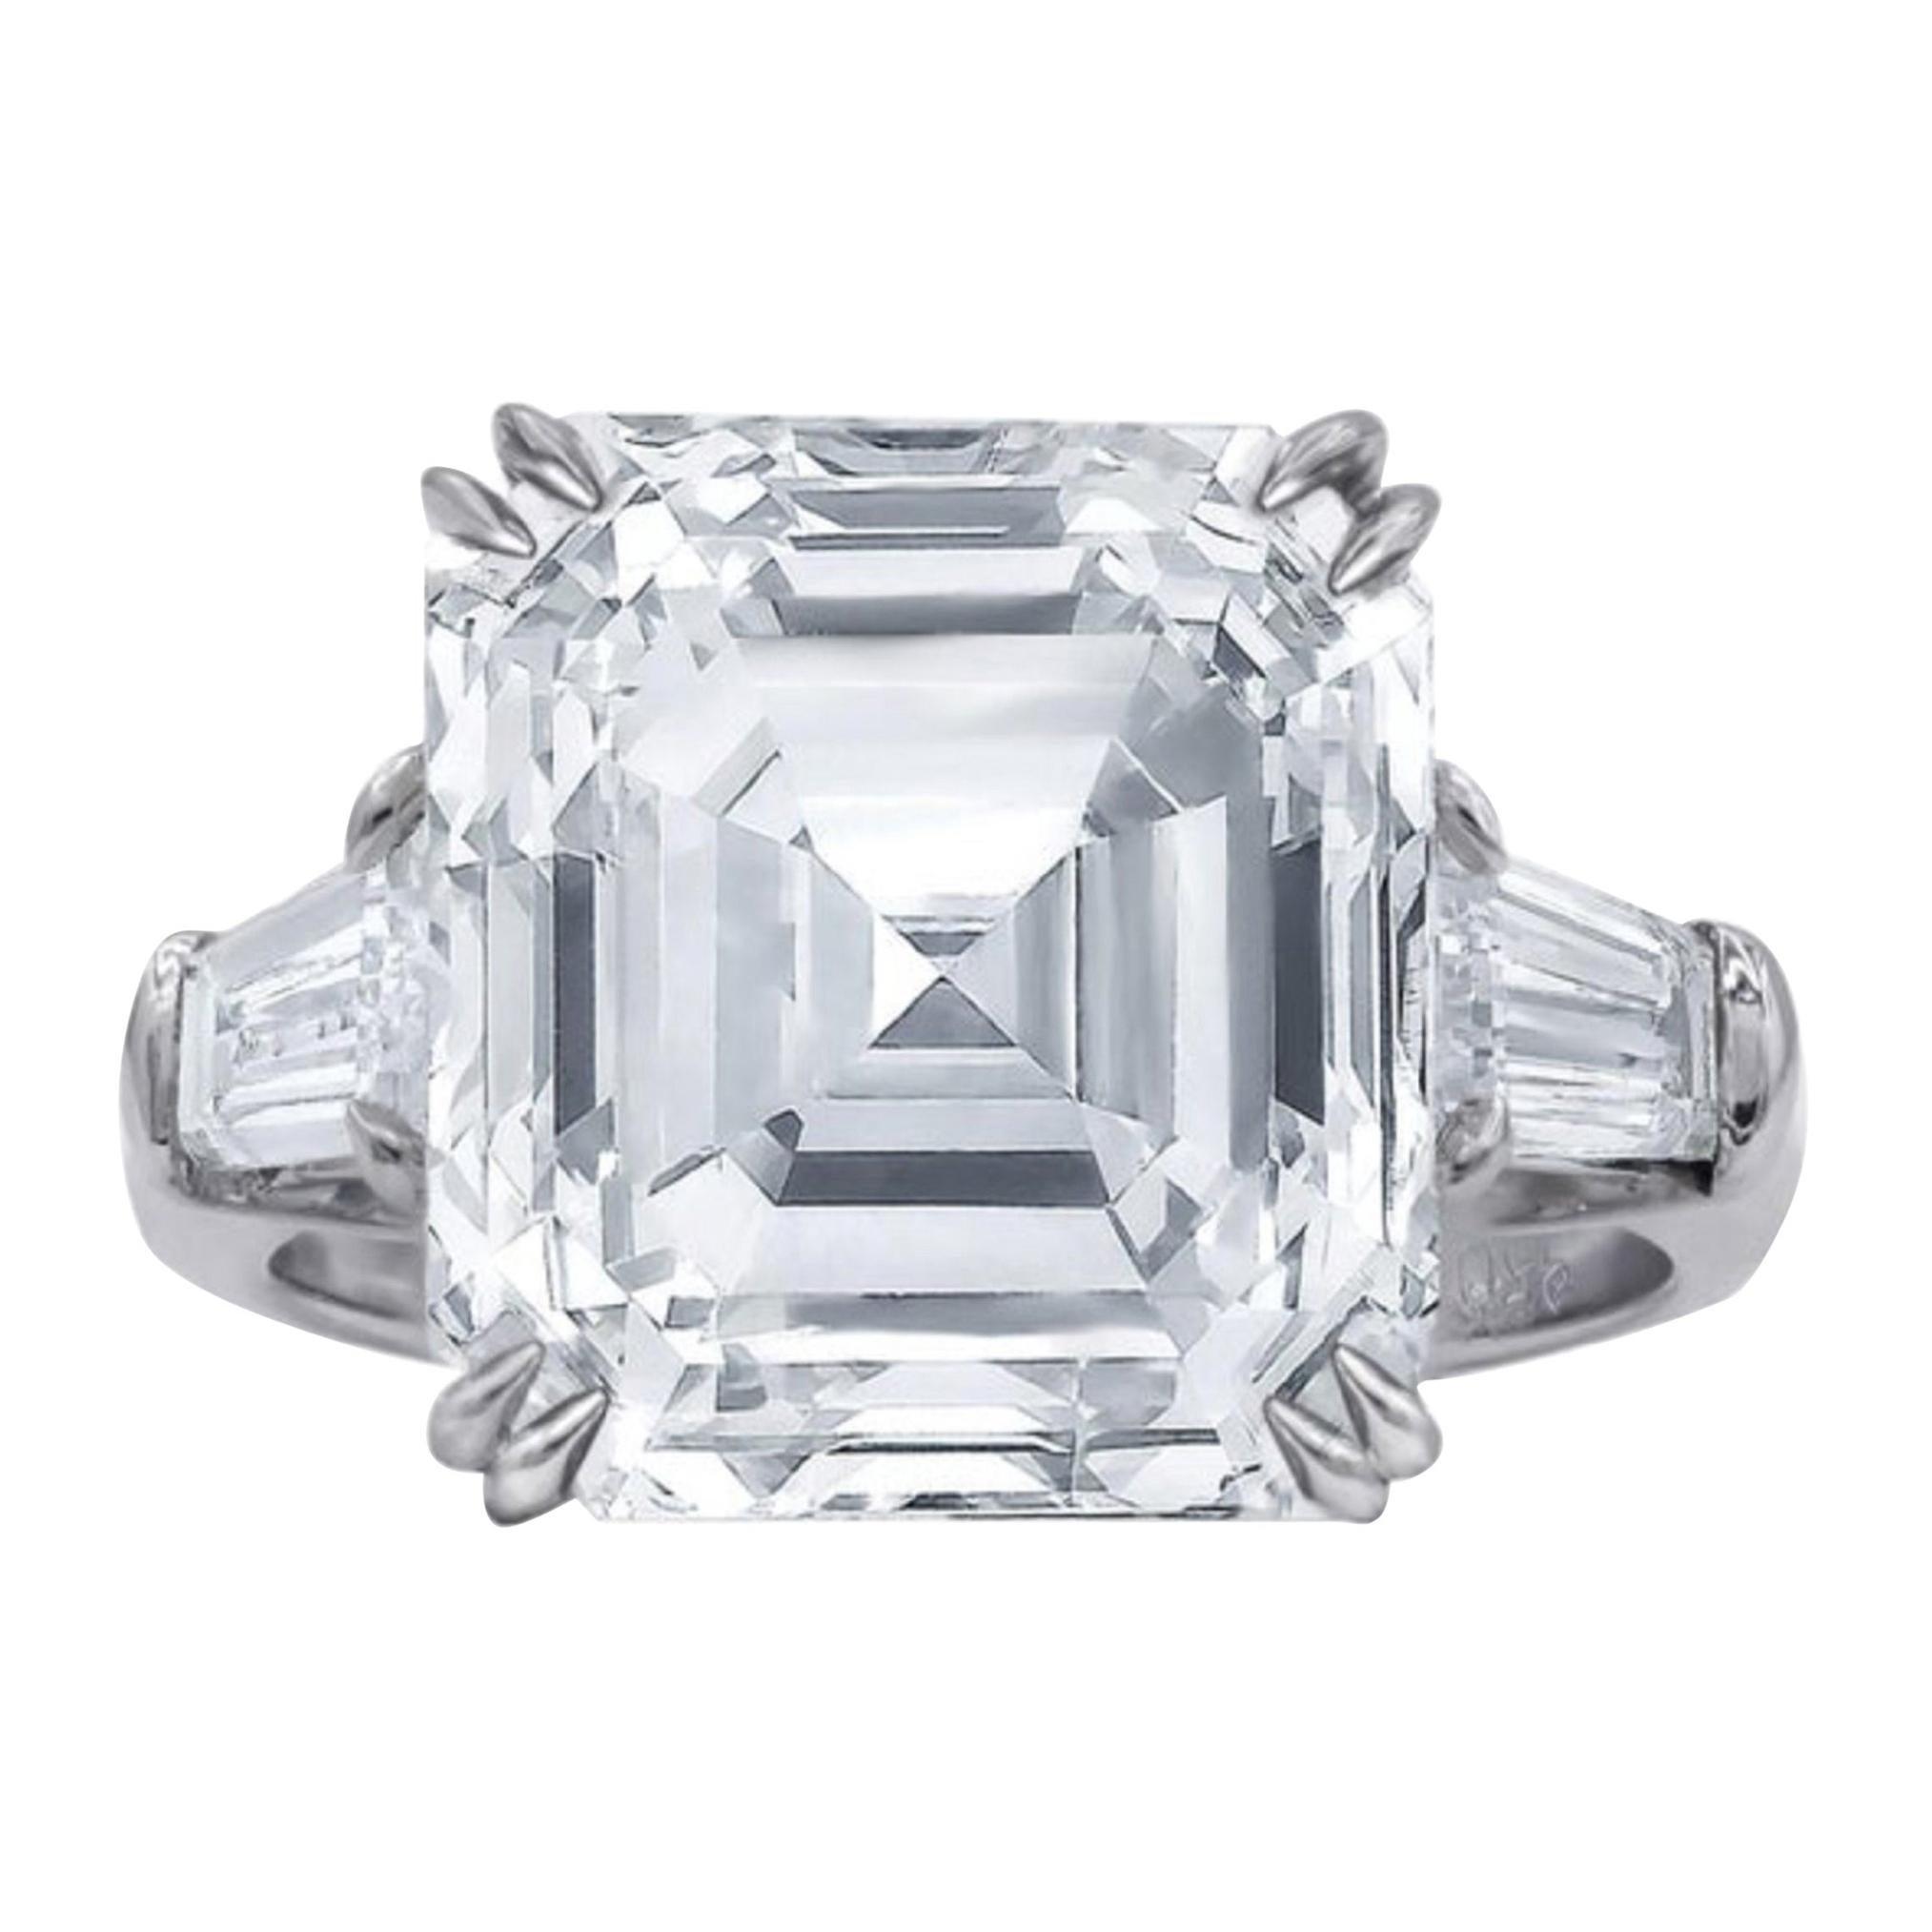 Flawless GIA Certified 3.65 Carat Asscher Cut Diamond Platinum Ring